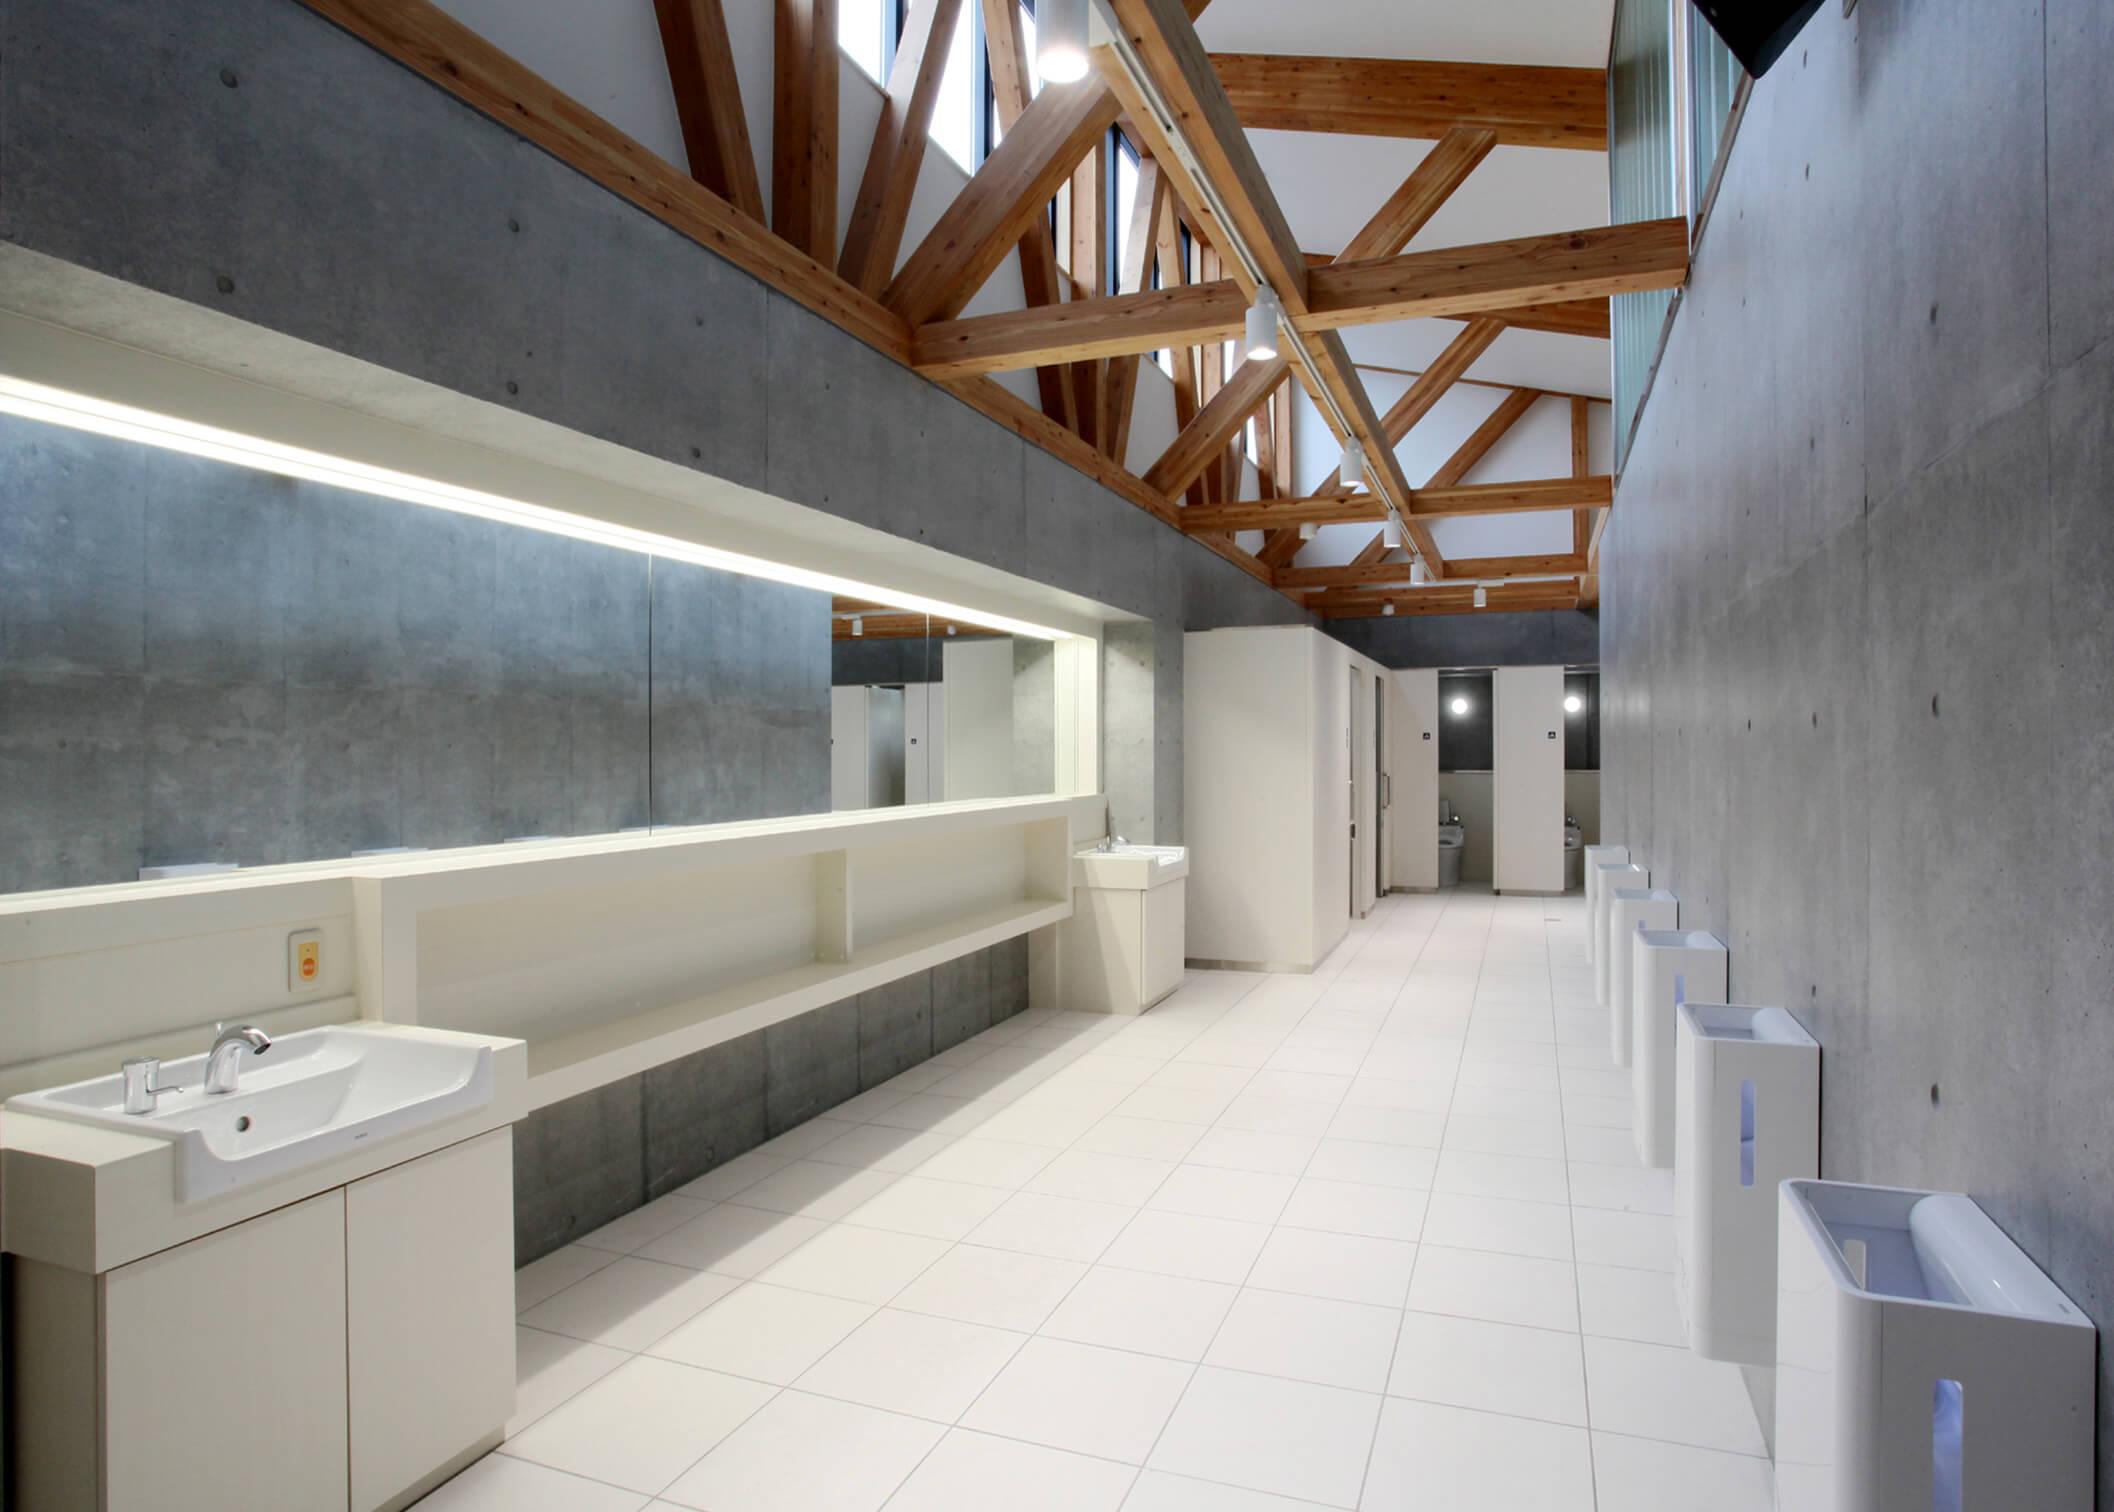 木造建築の施工事例:北欧の風 道の駅とうべつ 3枚目